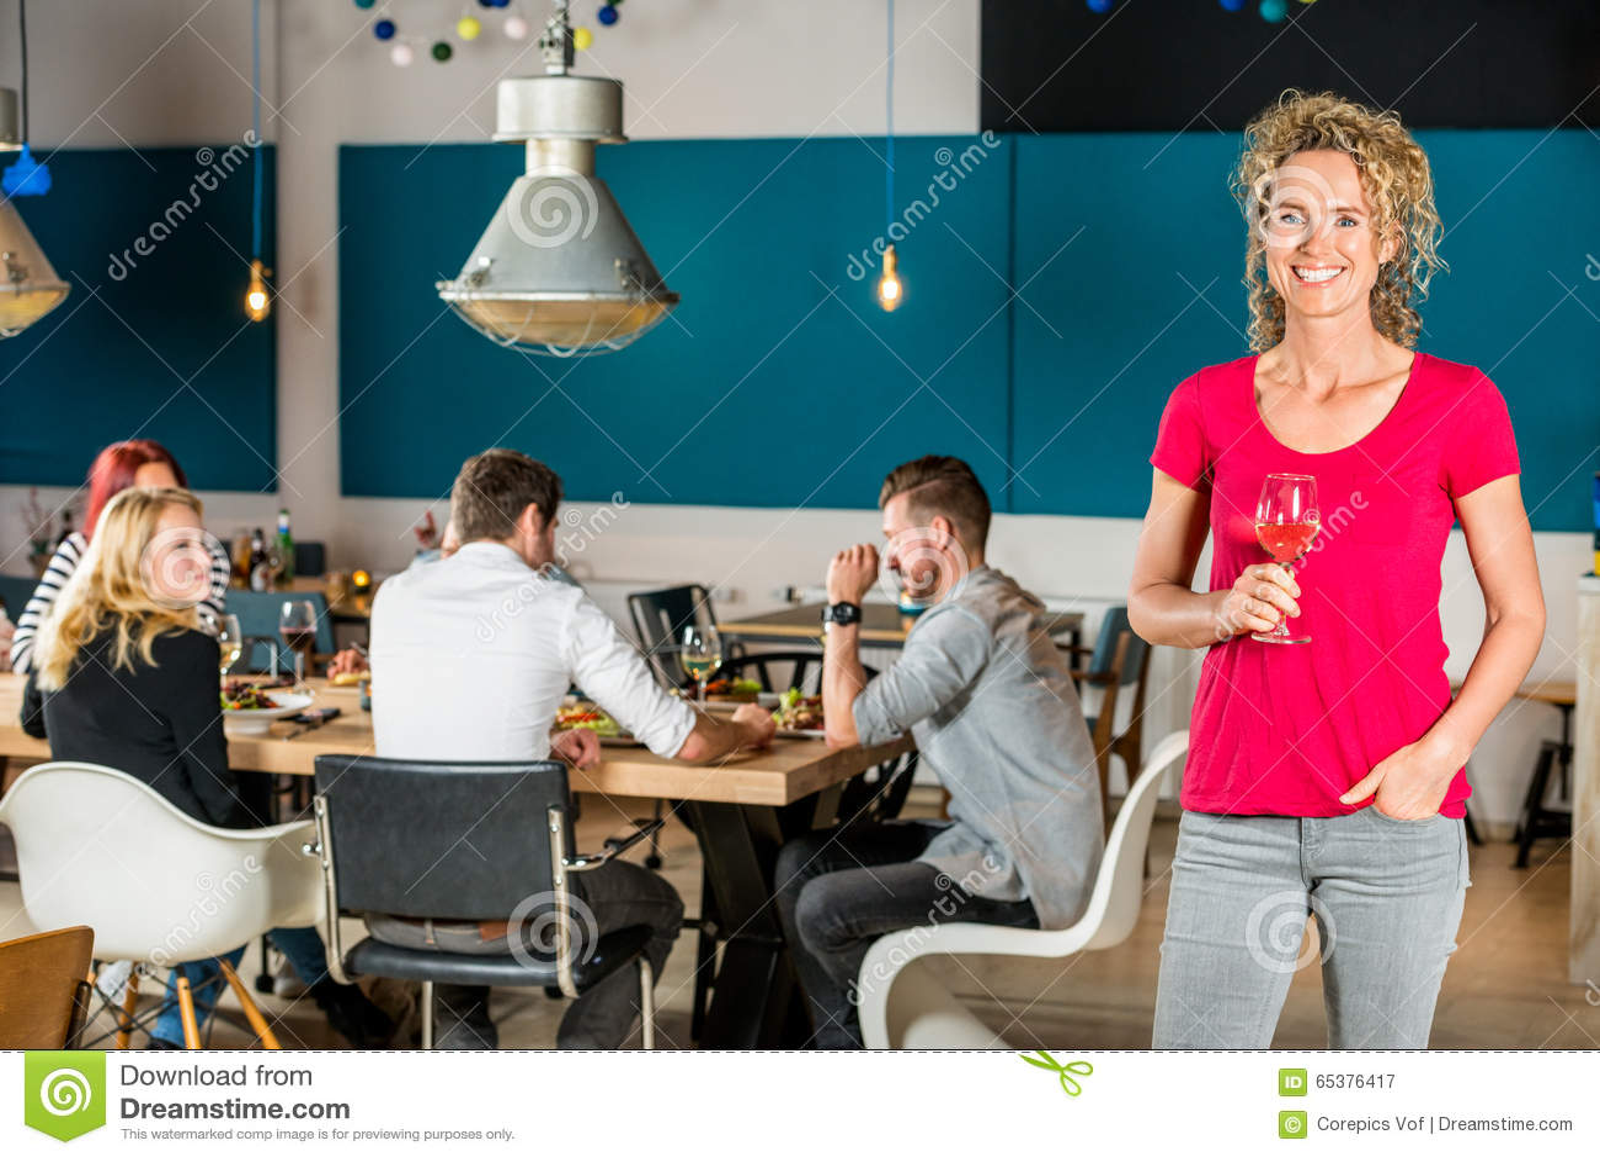 Красивая женщина держа рюмку на кафе